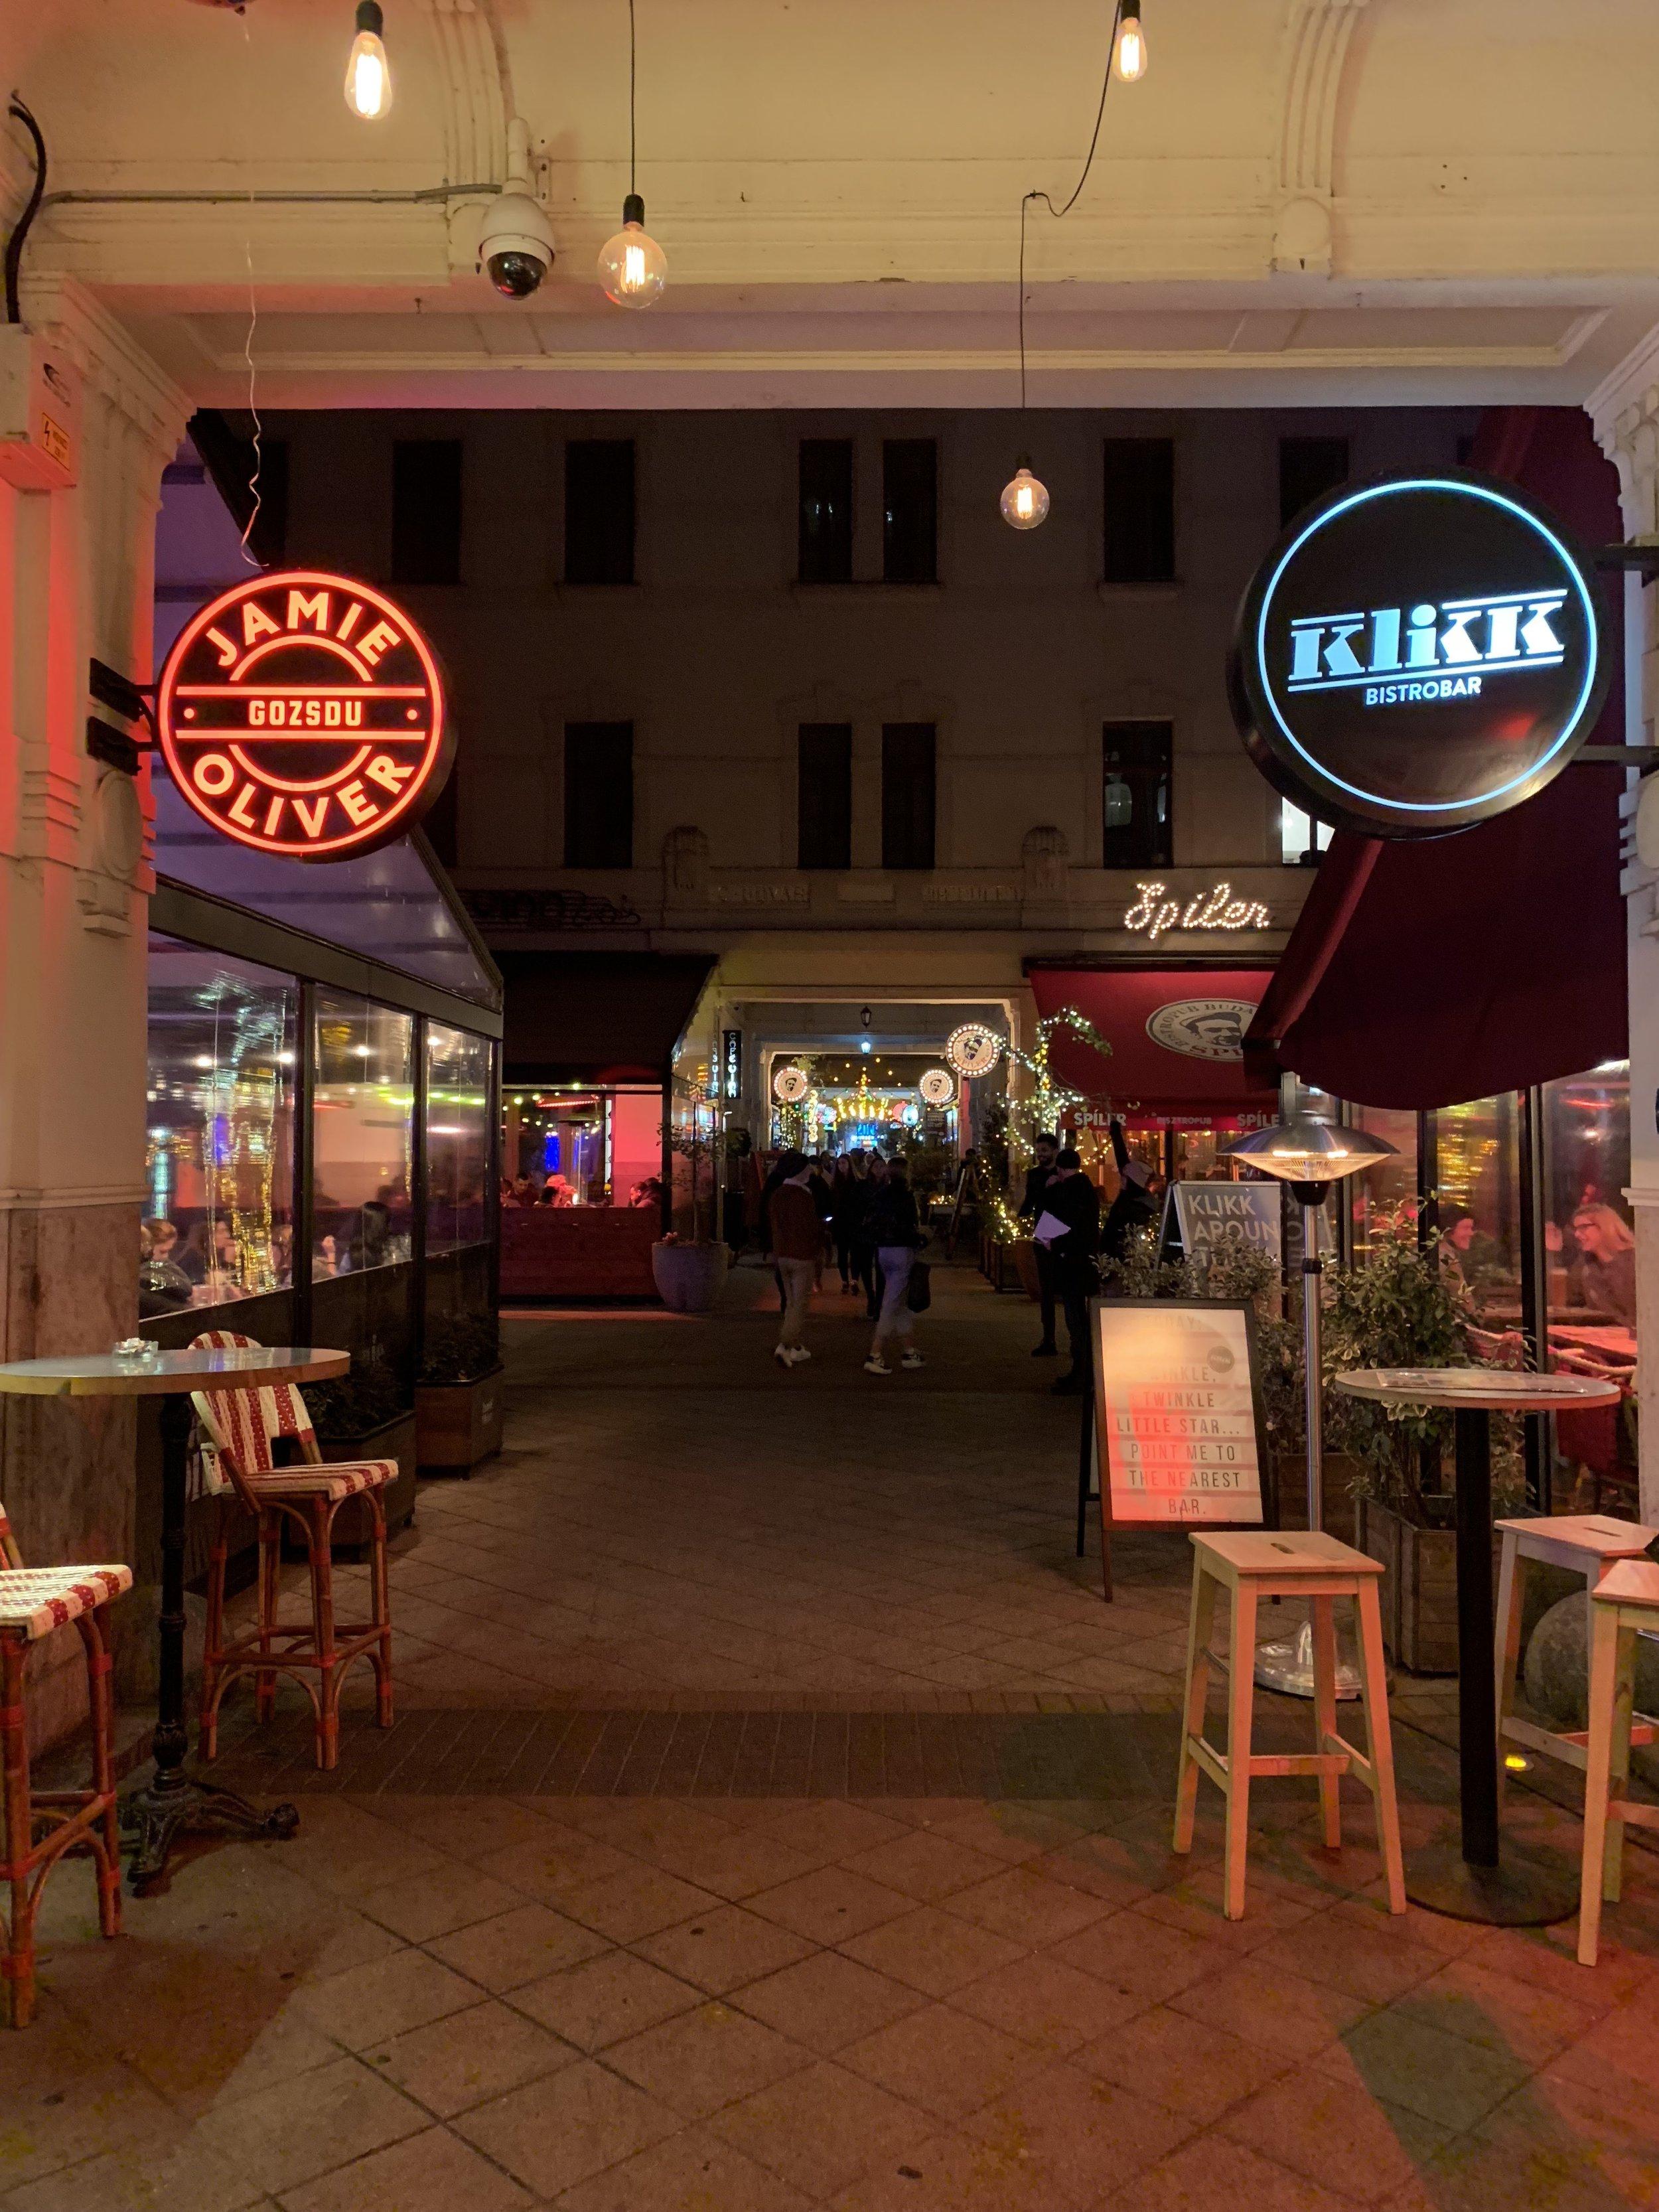 Gozsdu Market Budapest.JPG